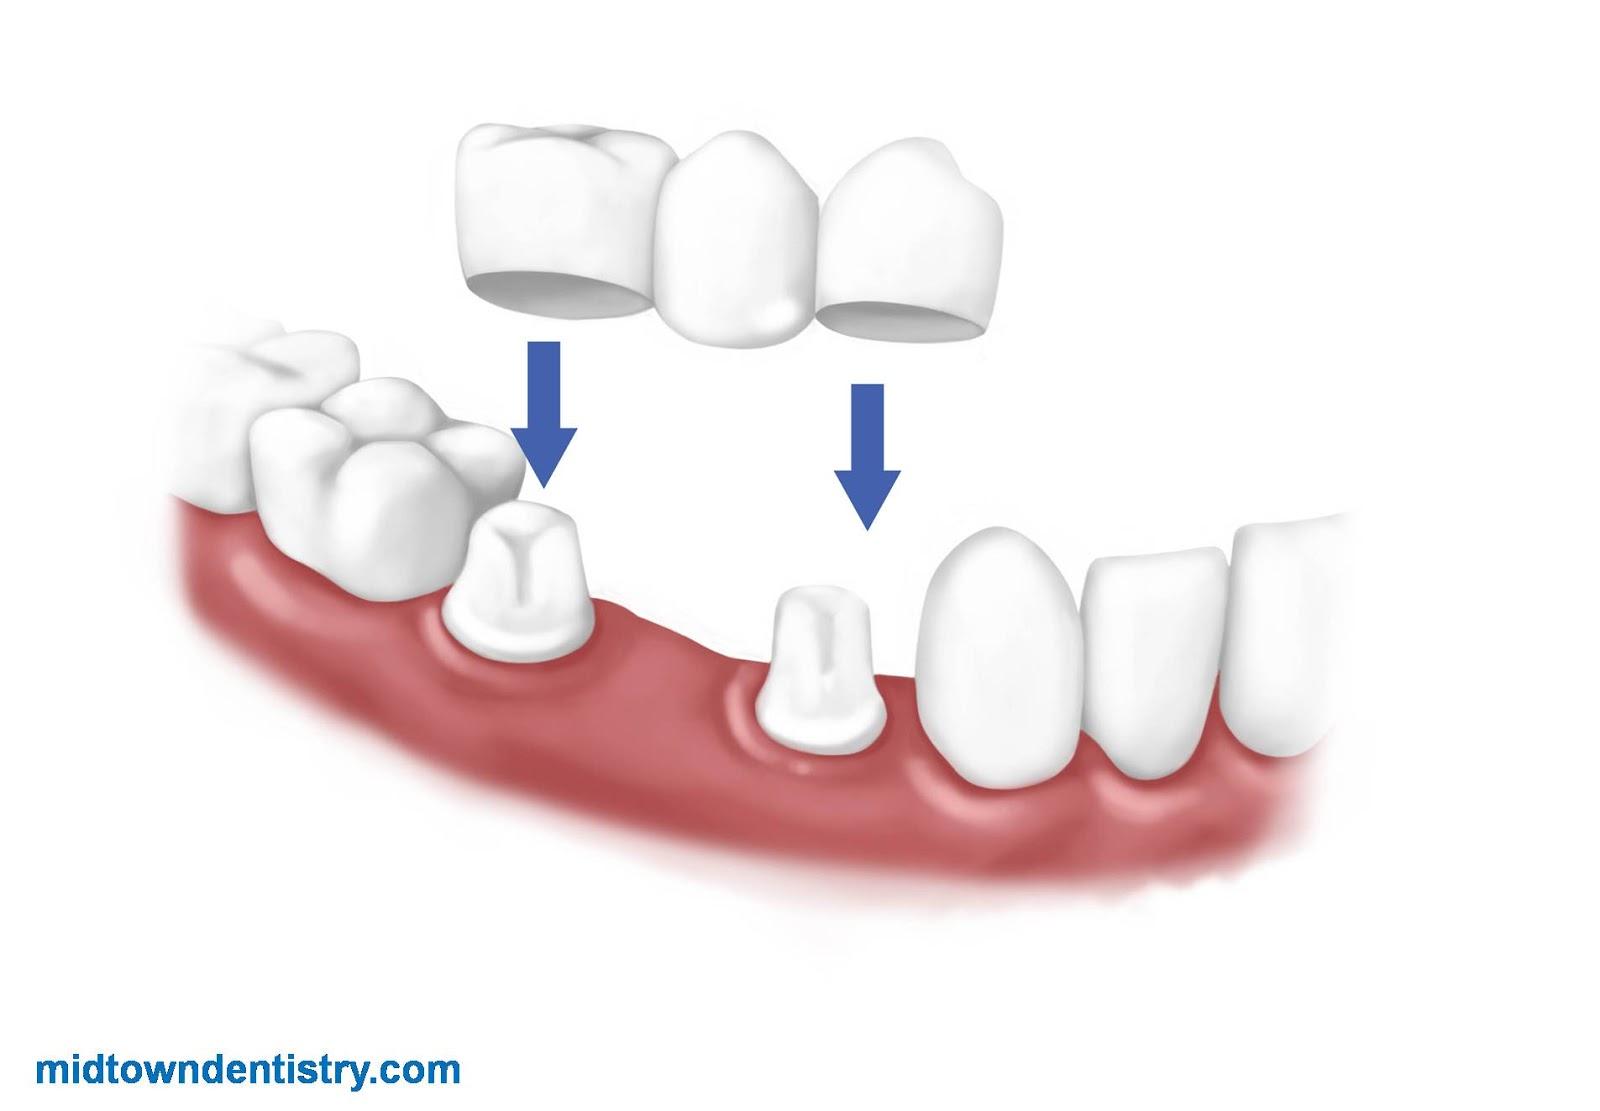 ما هي جسور الأسنان ؟